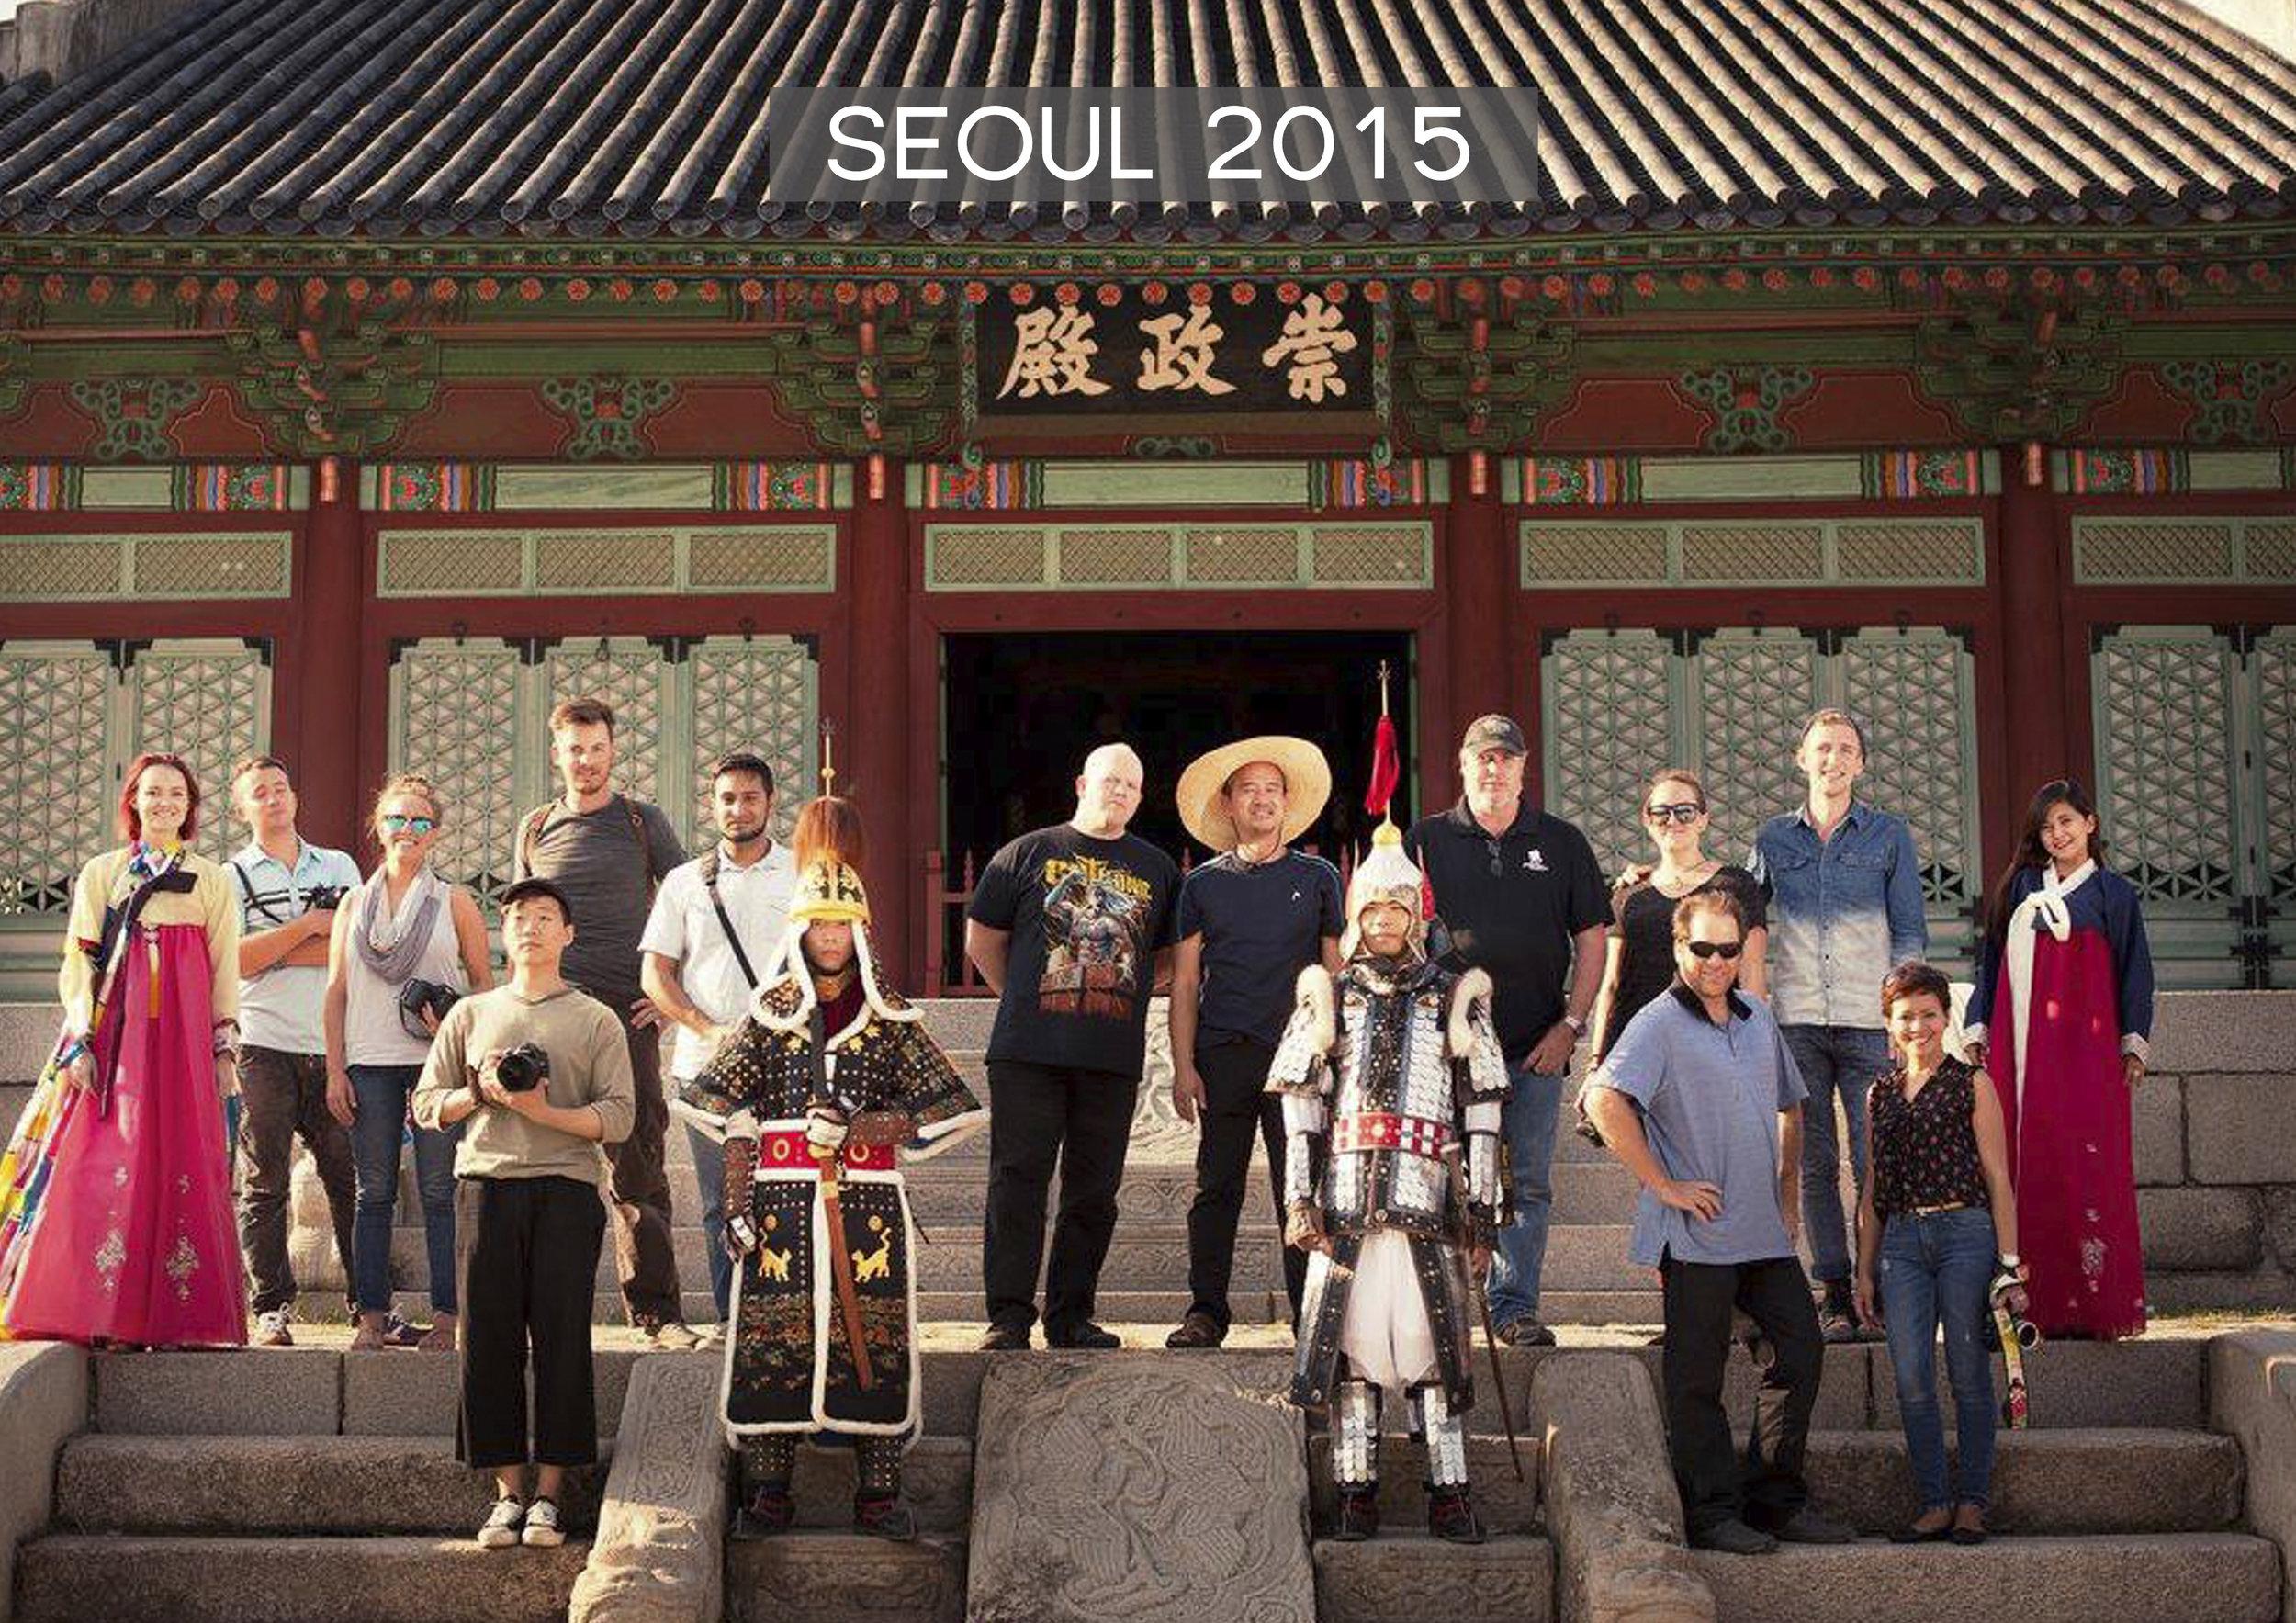 Seoul 2015.jpg